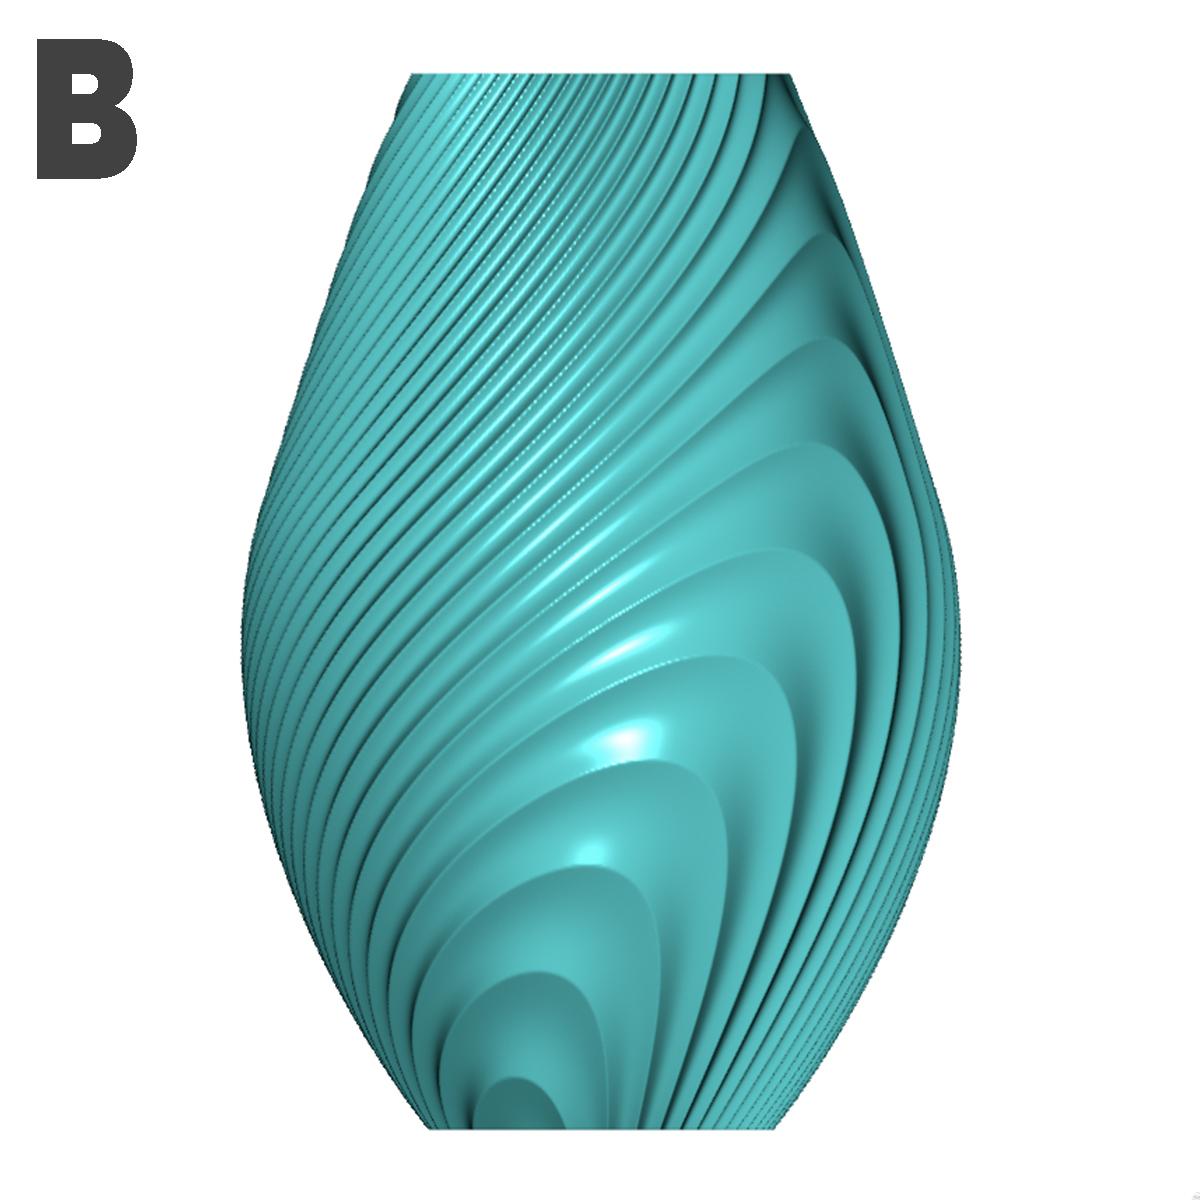 b.jpg Descargar archivo STL gratis Colección de jarrones en órbita • Objeto imprimible en 3D, Filar3D